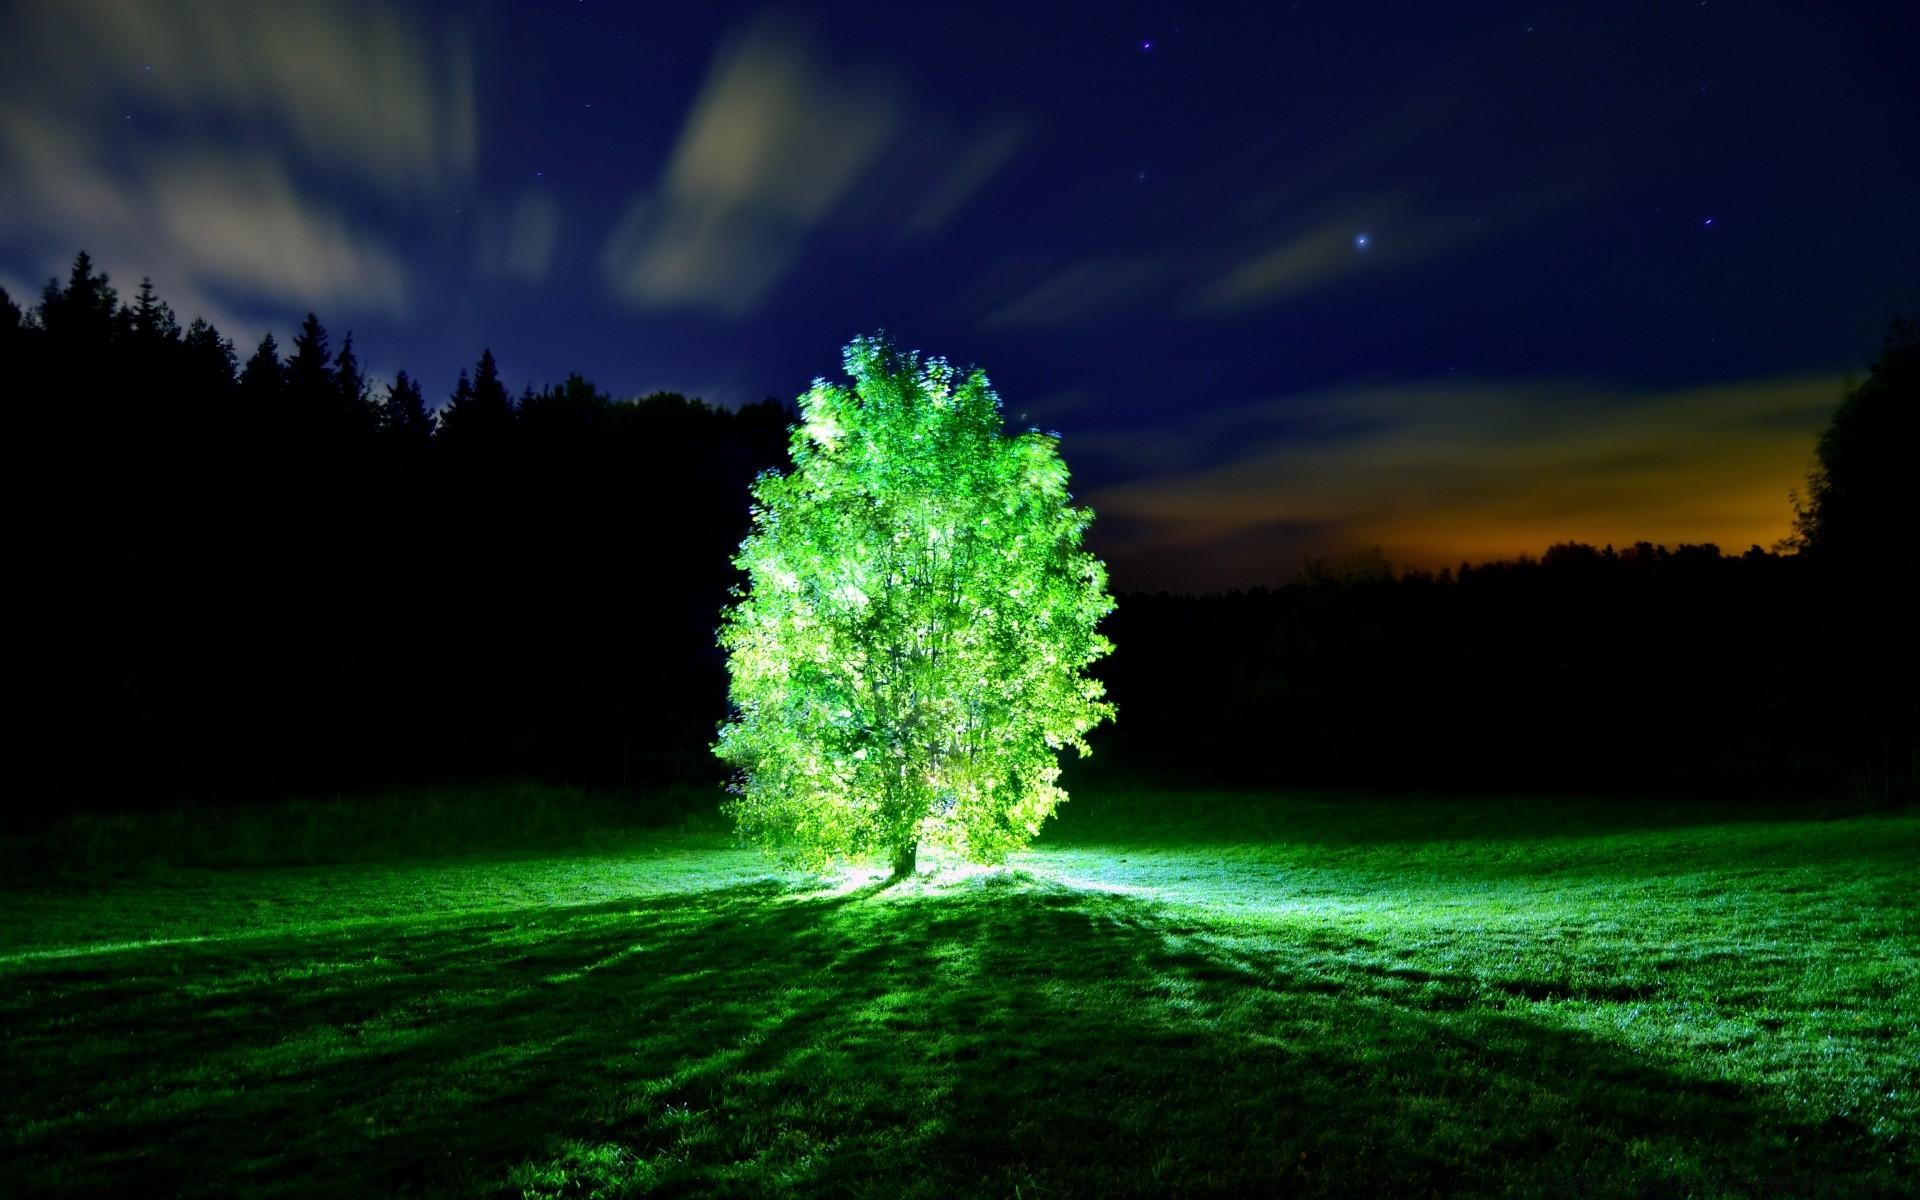 люминесценция фото высокого качества начала